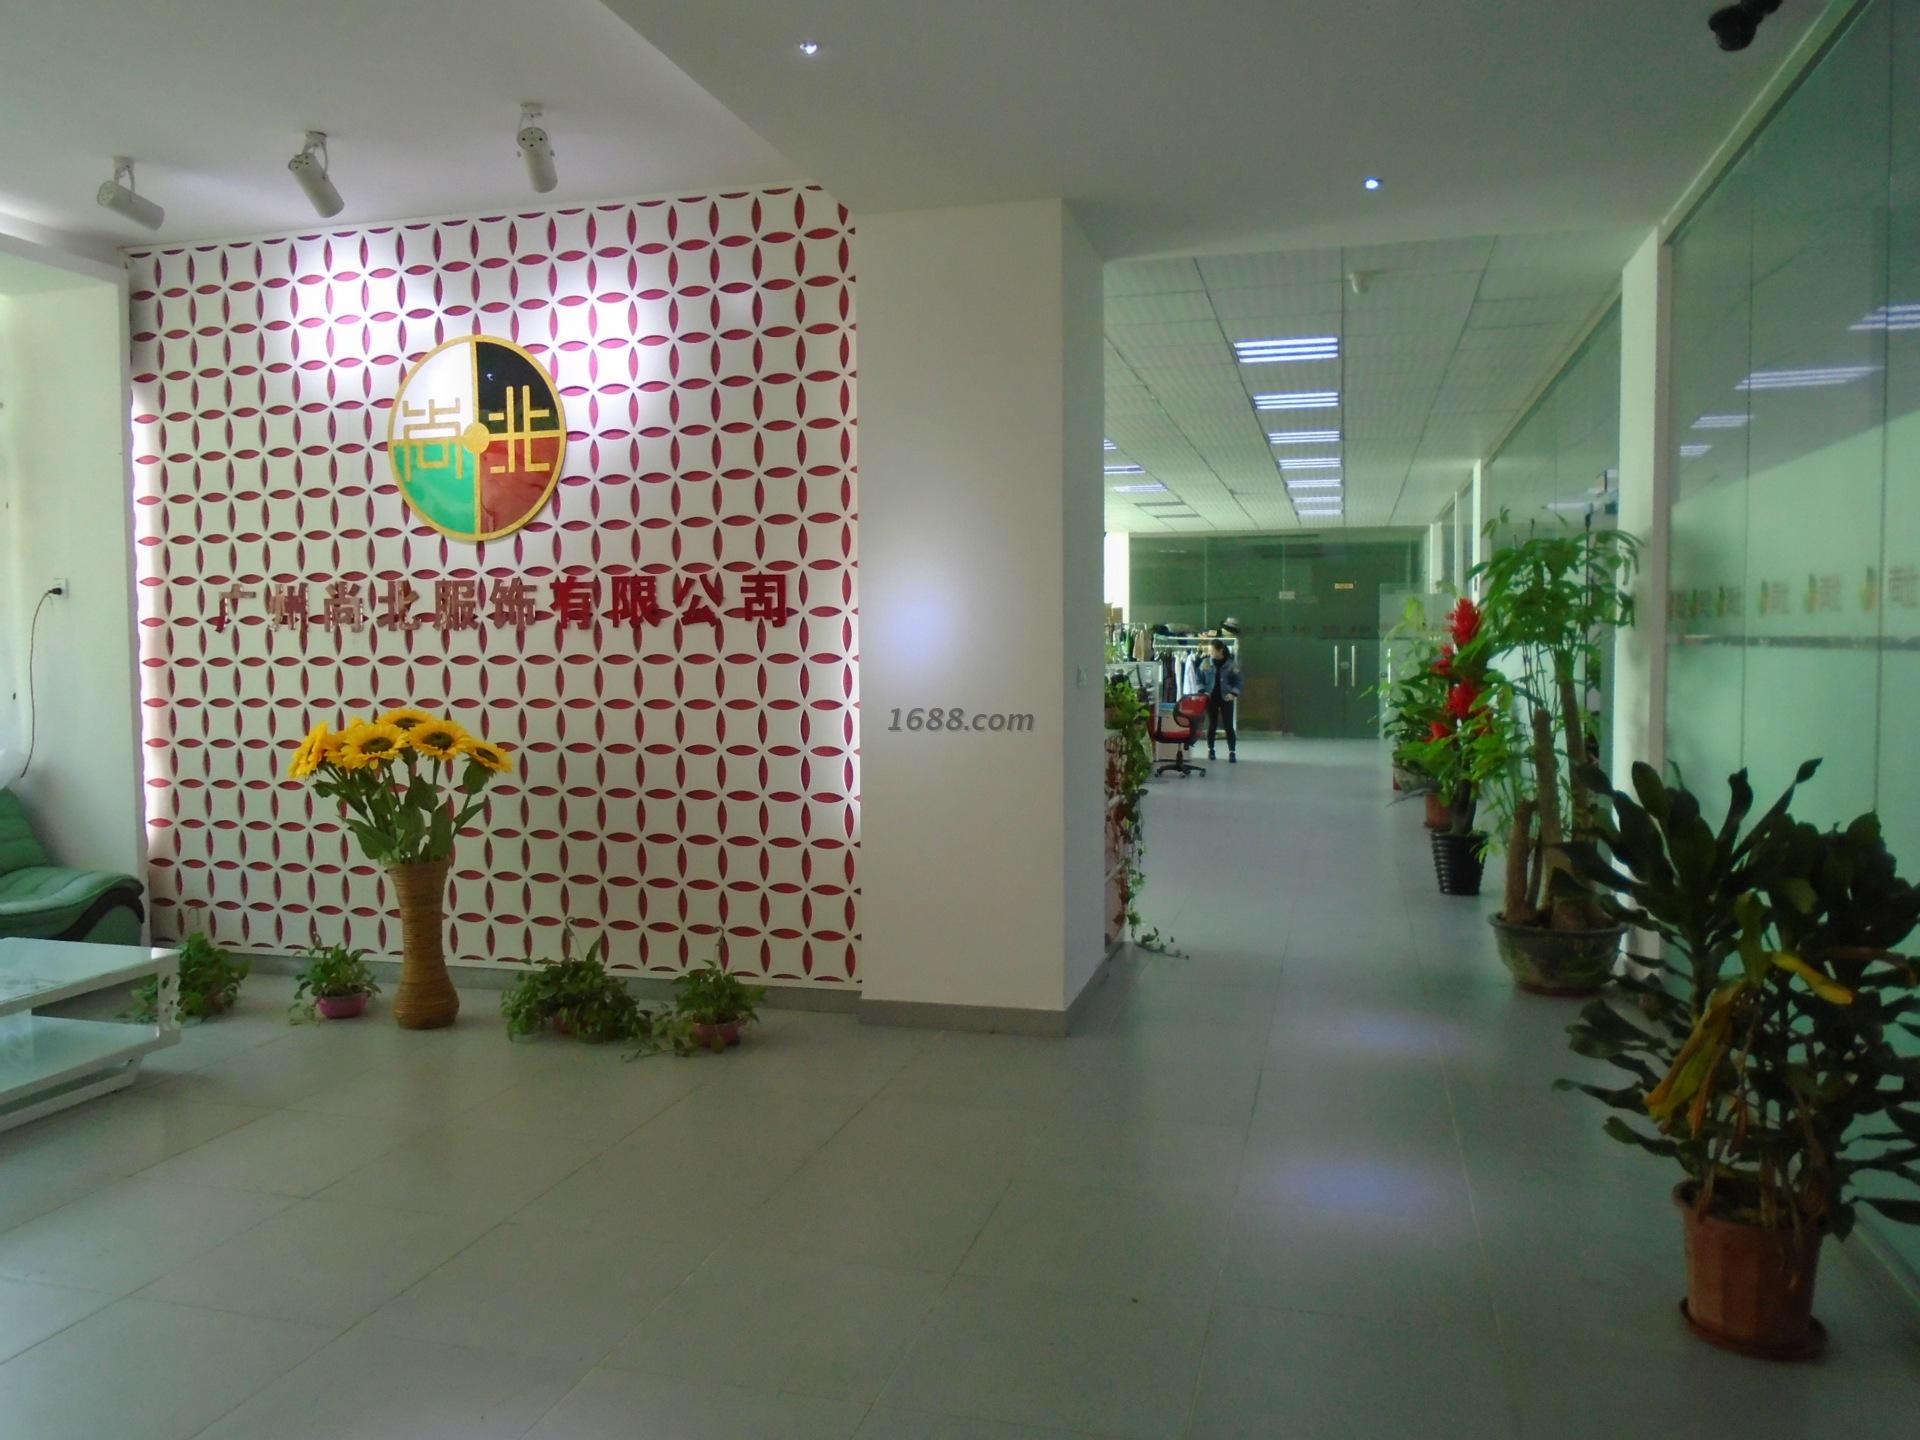 广州尚北服饰有限公司办公实景